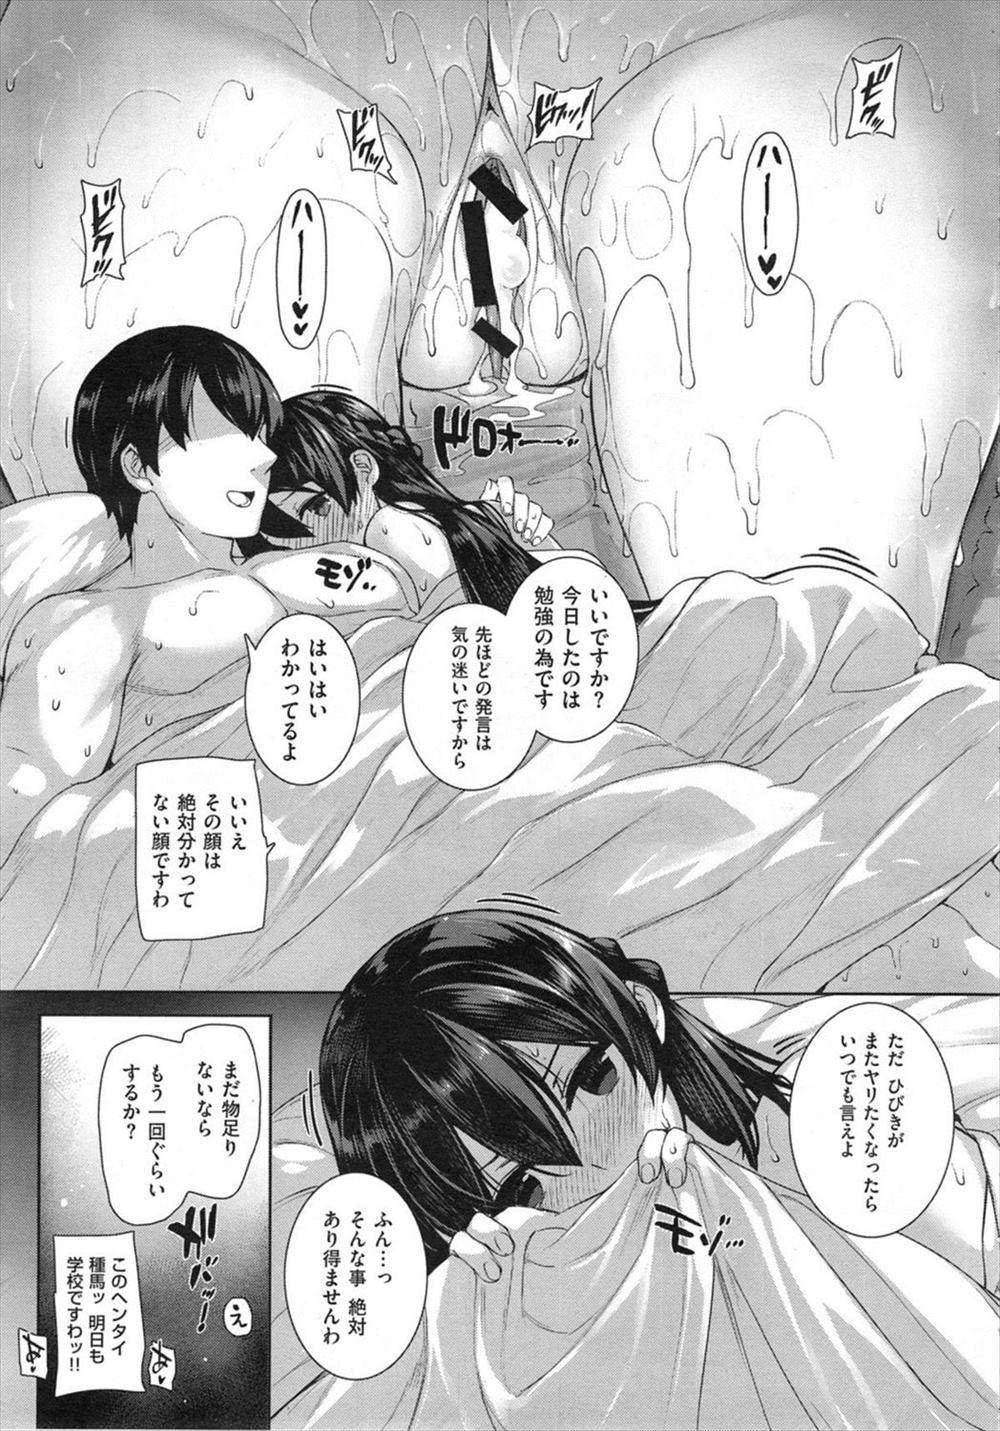 【エロ漫画】純潔を守るお嬢様JKに適当なこと言ってフェラチオから中出しまで教え込むイチャラブセックスwww